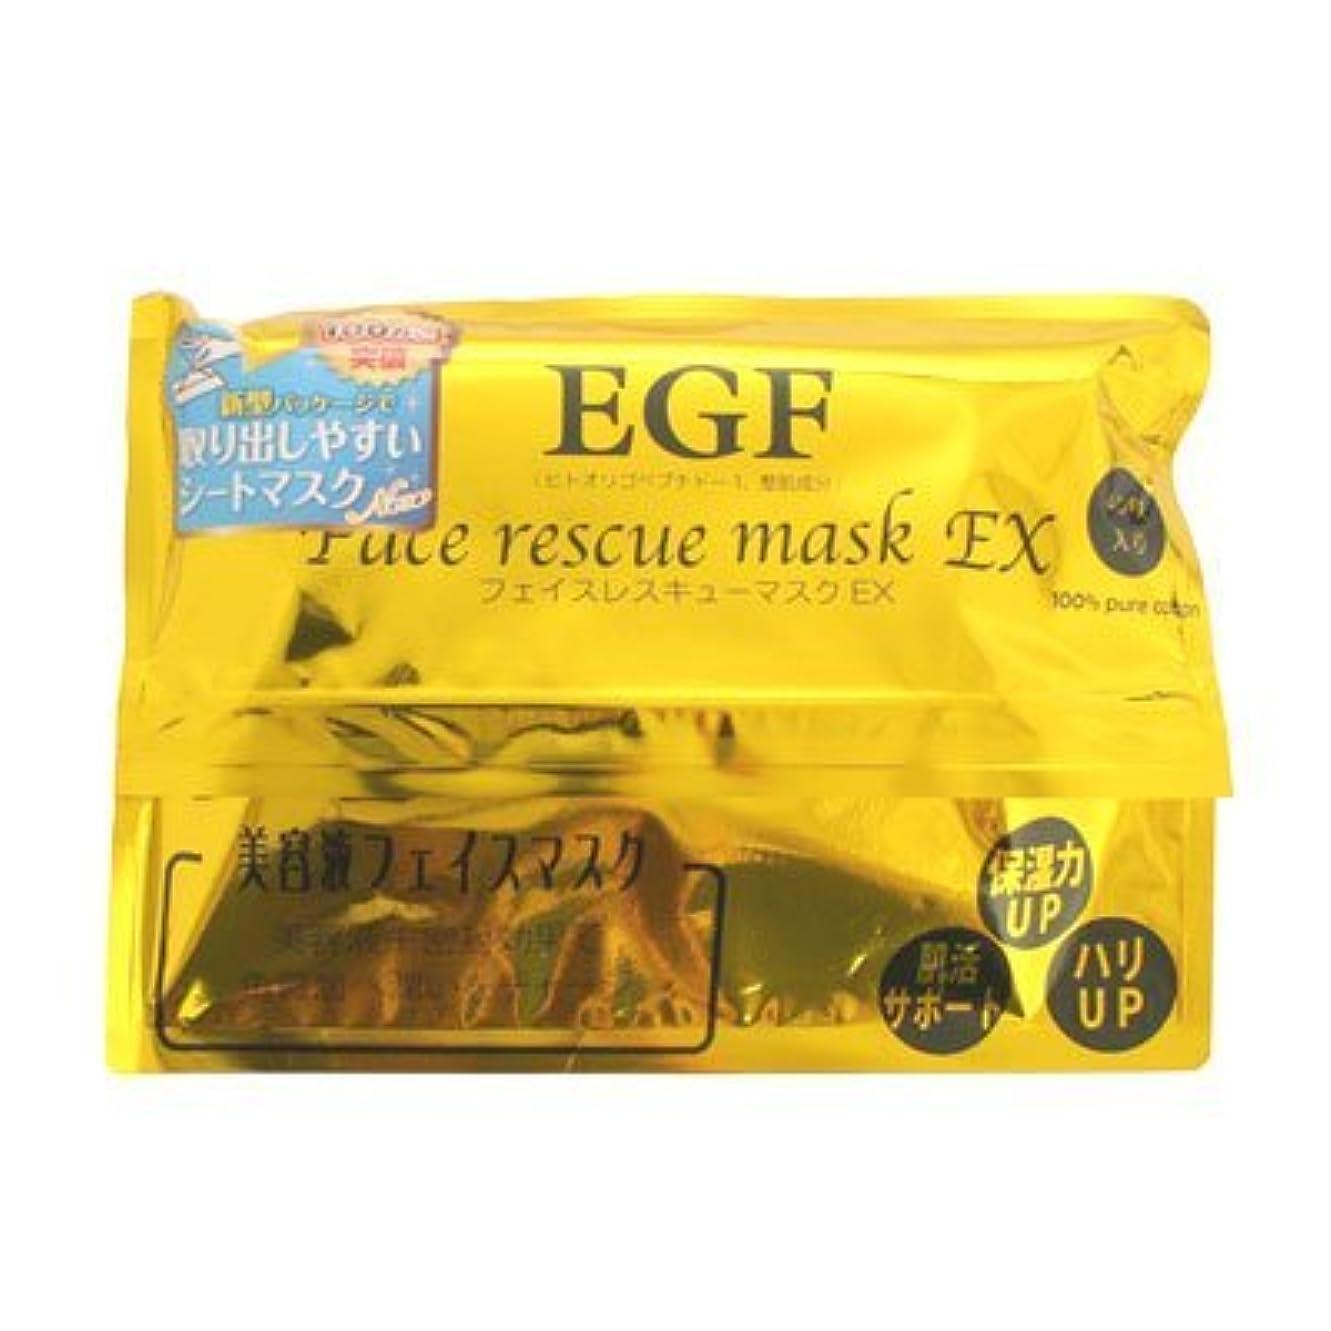 クレーター寛容逃れるEGF フェイス レスキュー マスク EX (40枚入り)